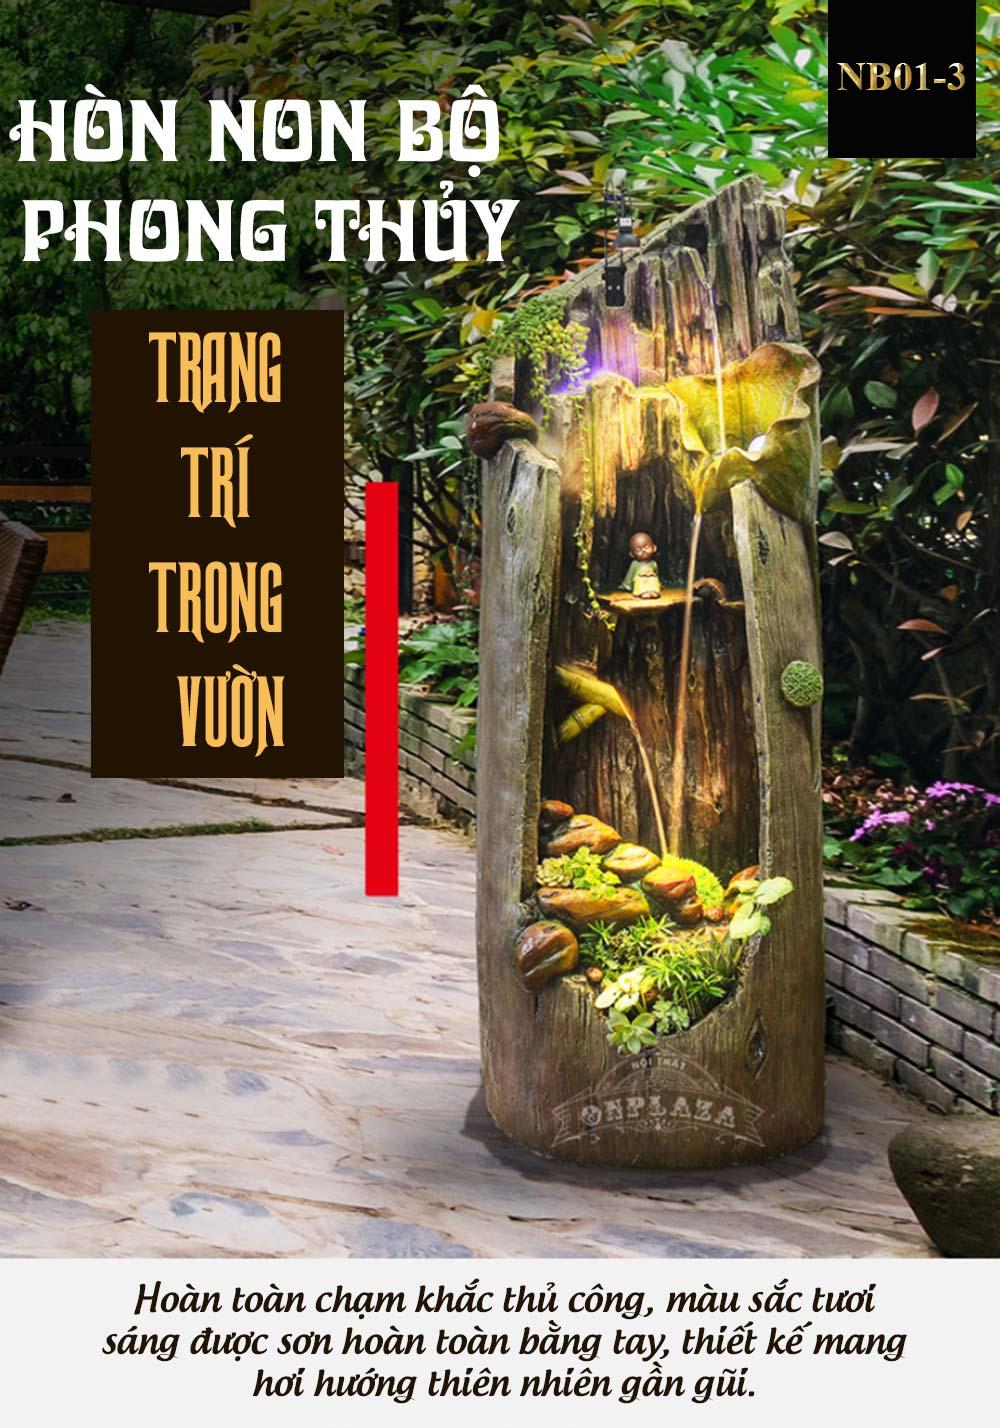 Tiểu Cảnh Thác Nước Phong Thủy Đặt Phòng Khách NB01